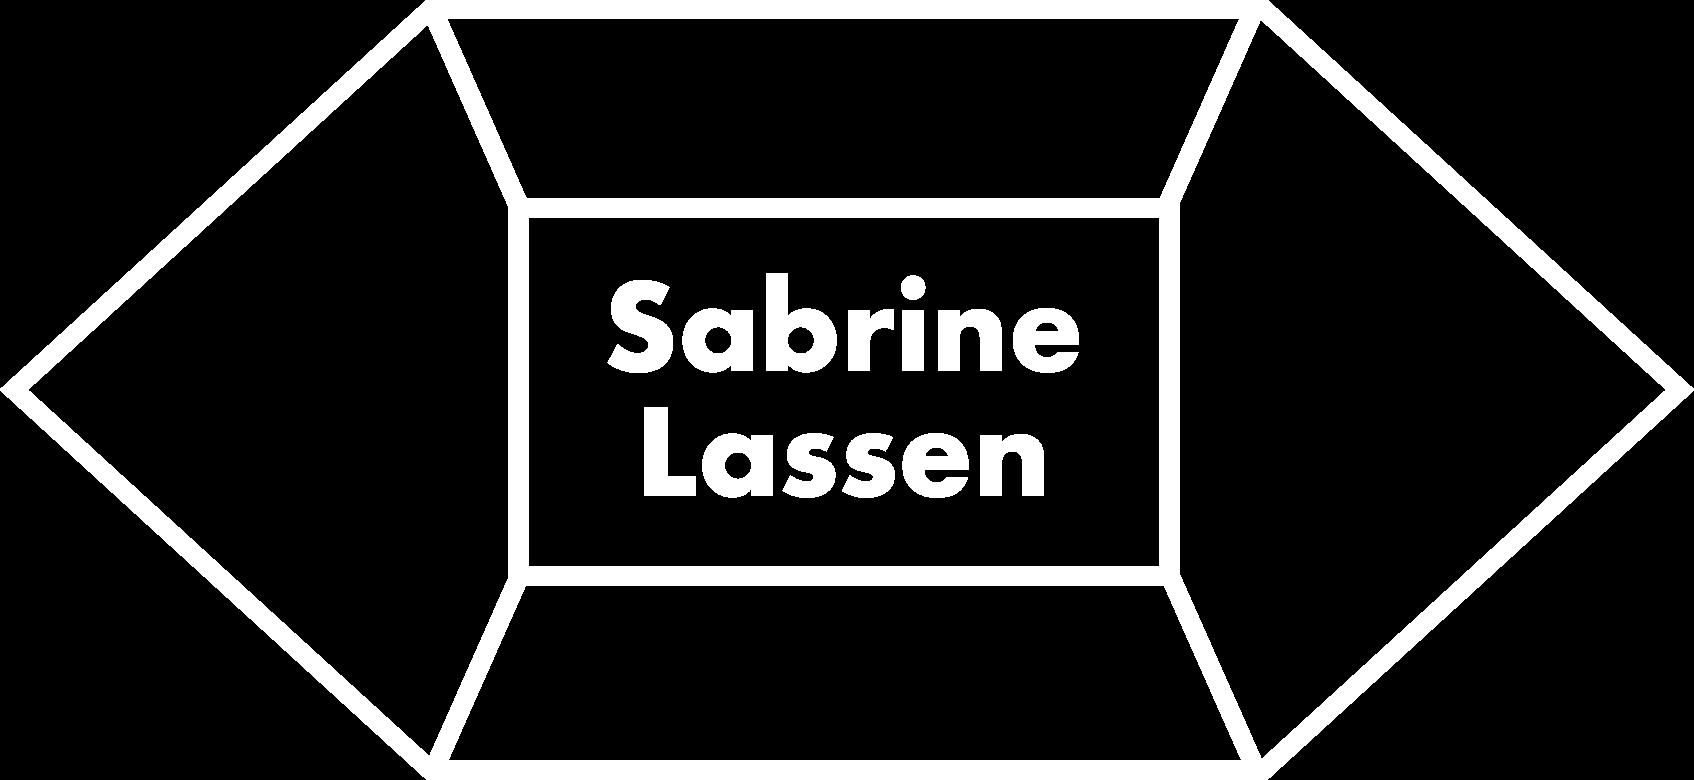 Sabrine Lassen